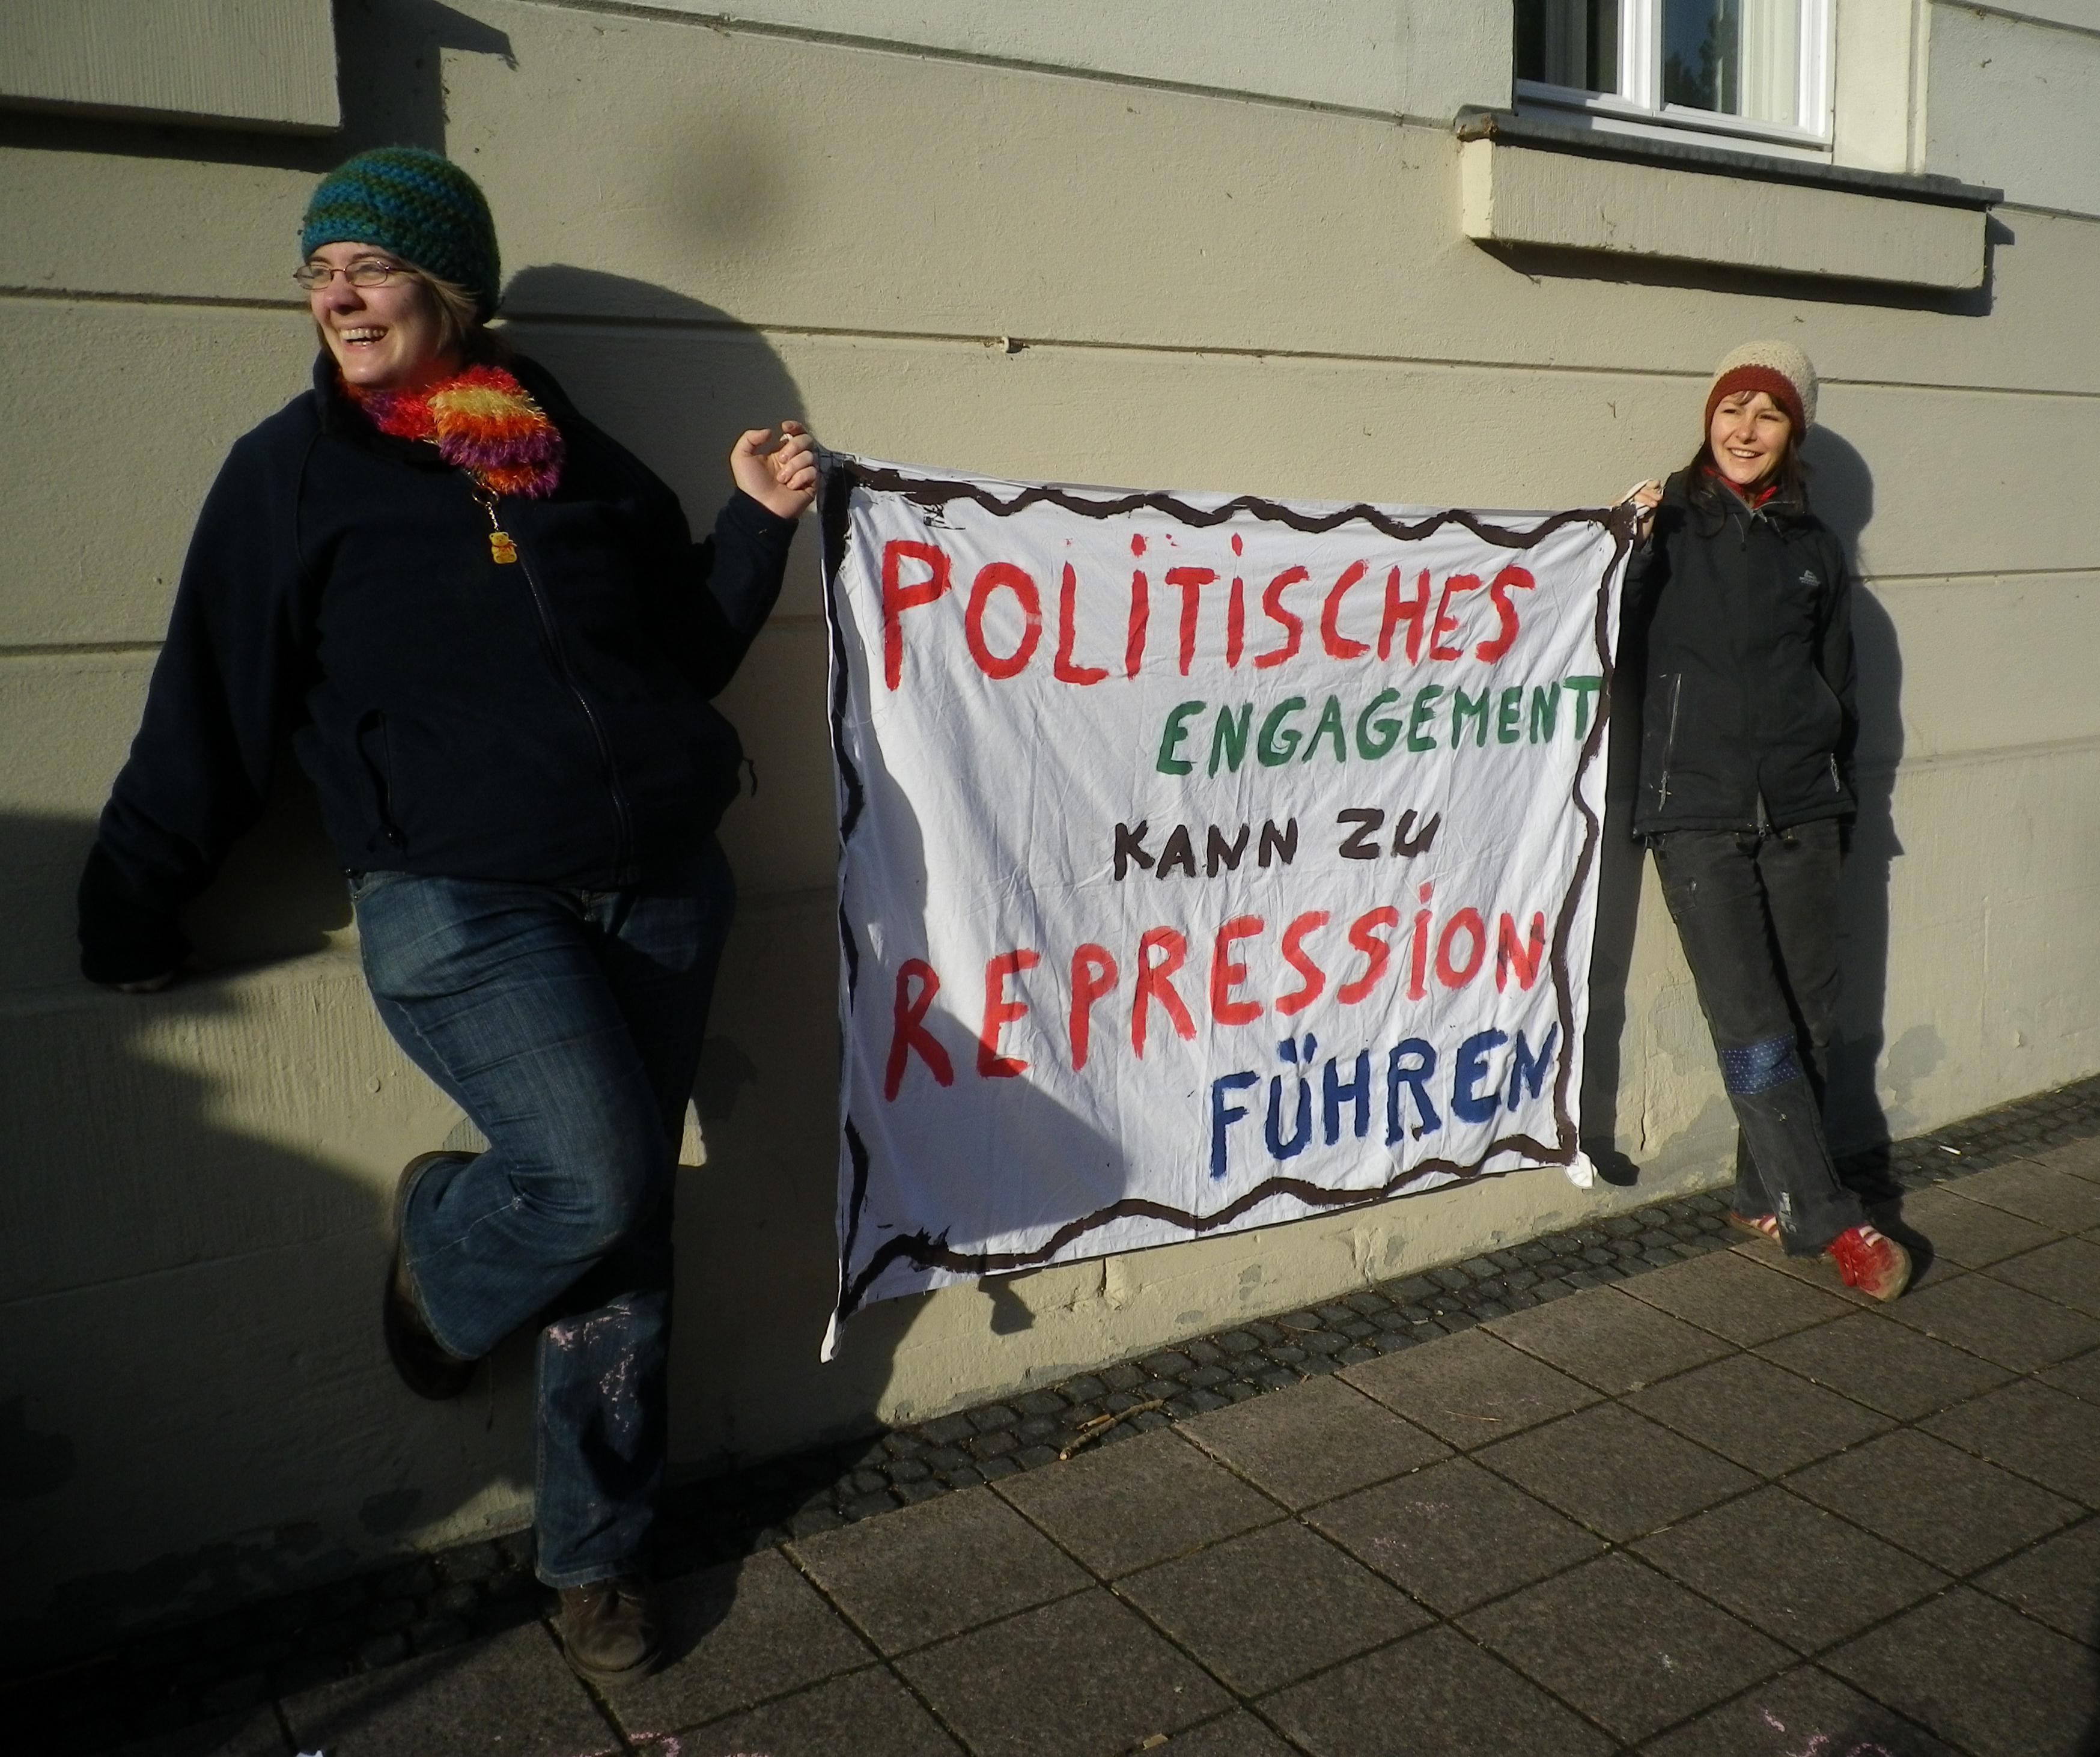 poltisches engagement kann zu Repression führen